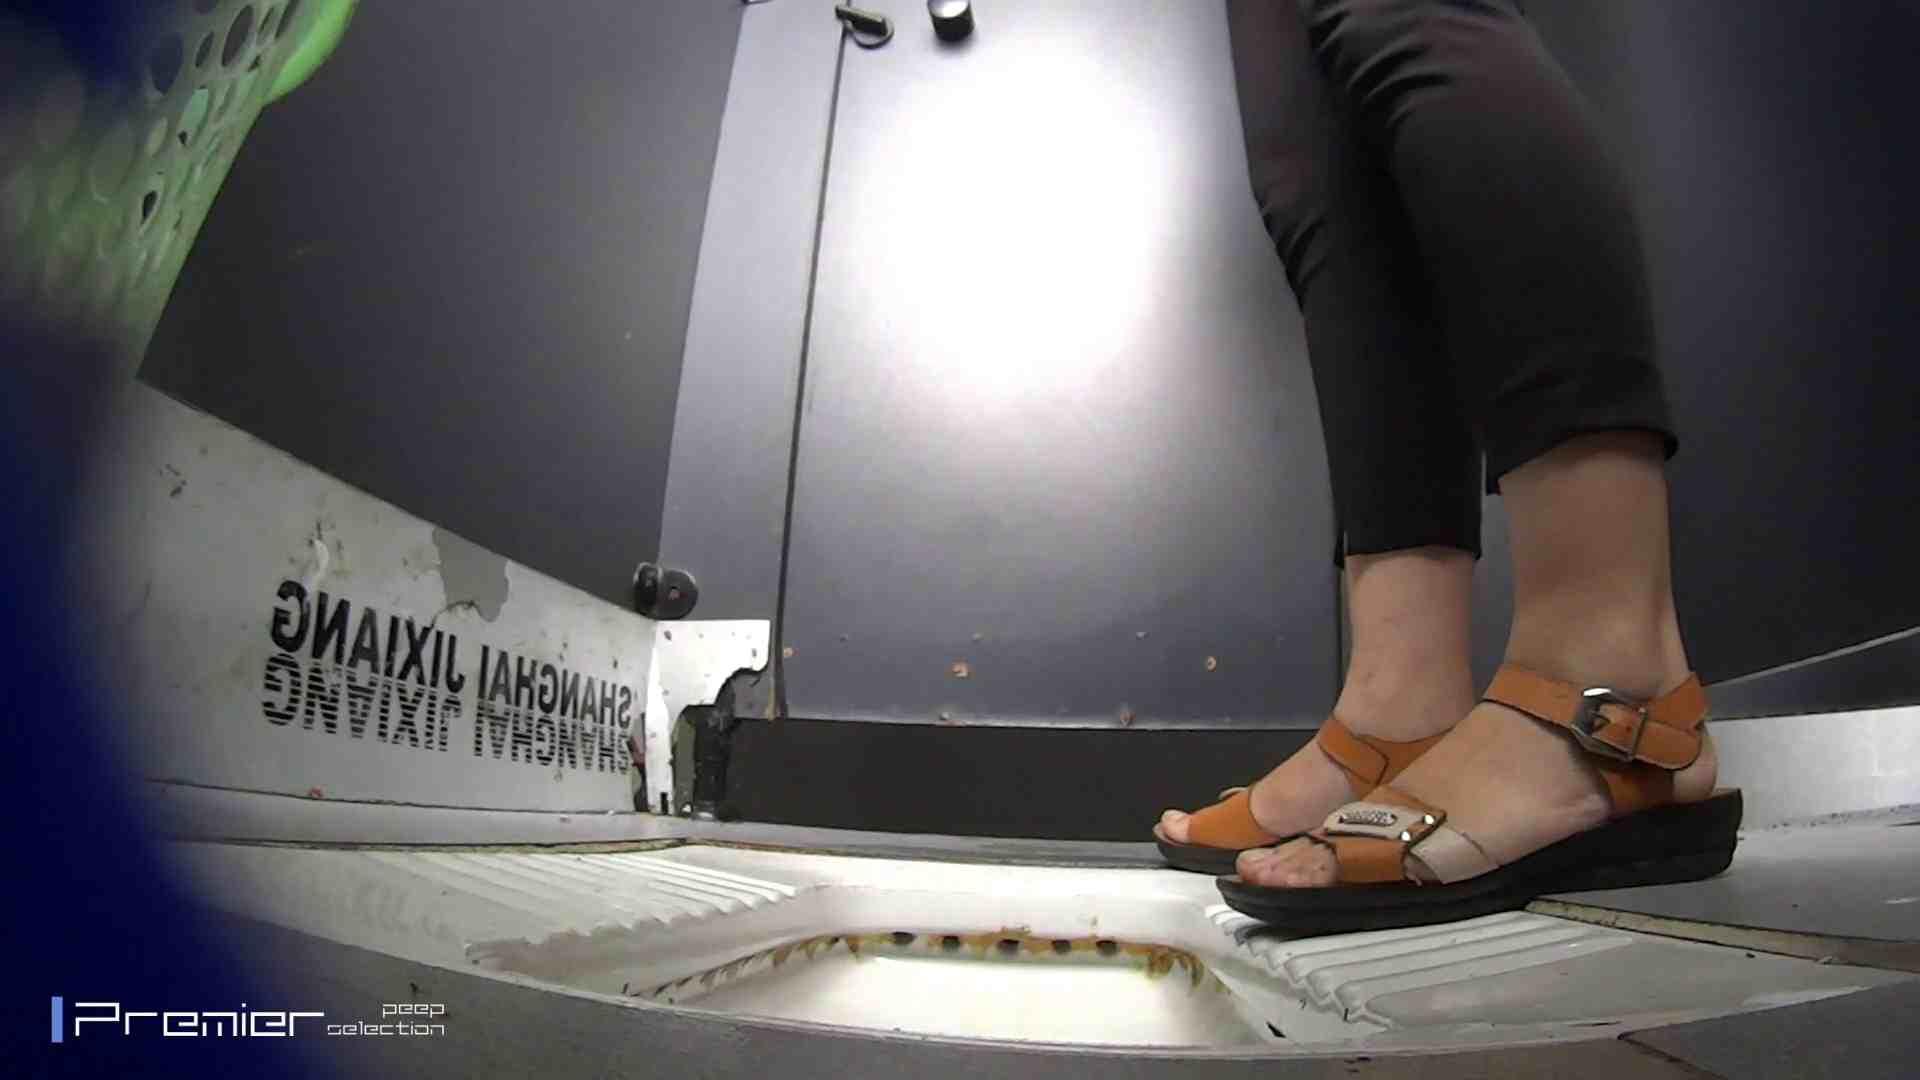 夏全開!ハーフパンツのギャル達 大学休憩時間の洗面所事情44 お姉さん  112pic 50